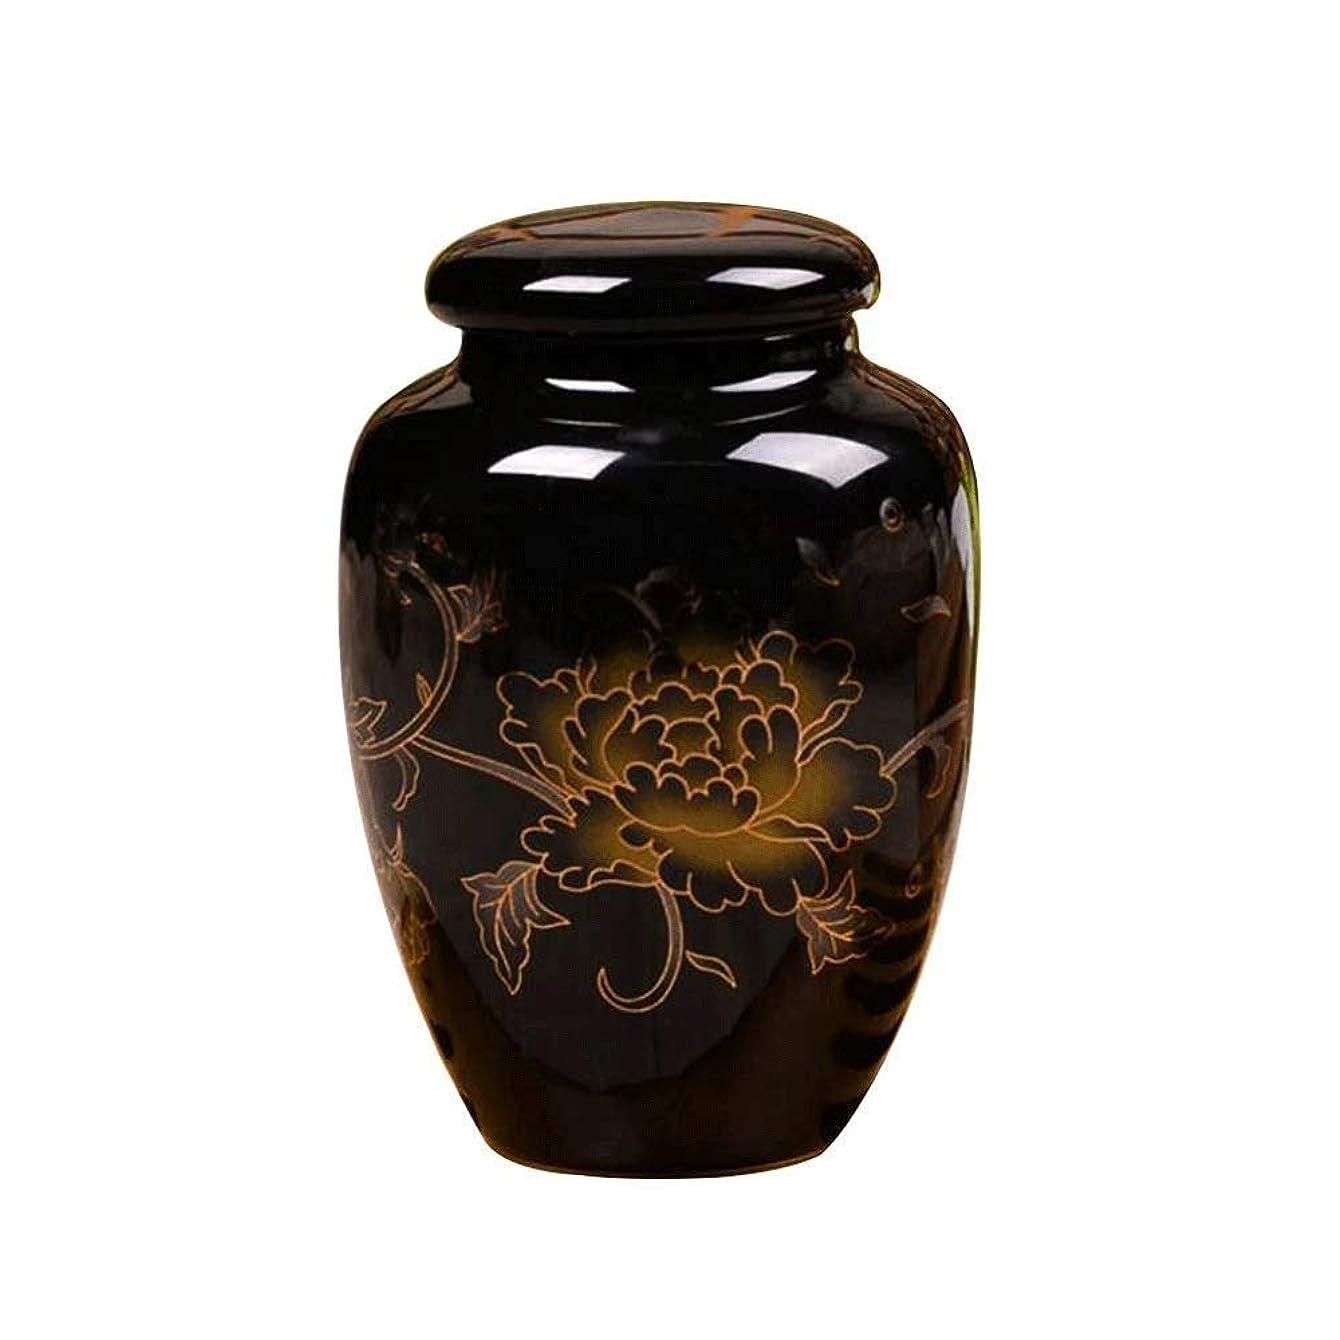 大声でいわゆる系譜RMXMY 人の灰のための葬儀骨壷の火葬の壷大人および記念碑 - 手で作られ、そして手で刻まれる - 自宅でまたはにニッチで埋葬の壷を表示しなさい (色 : B)